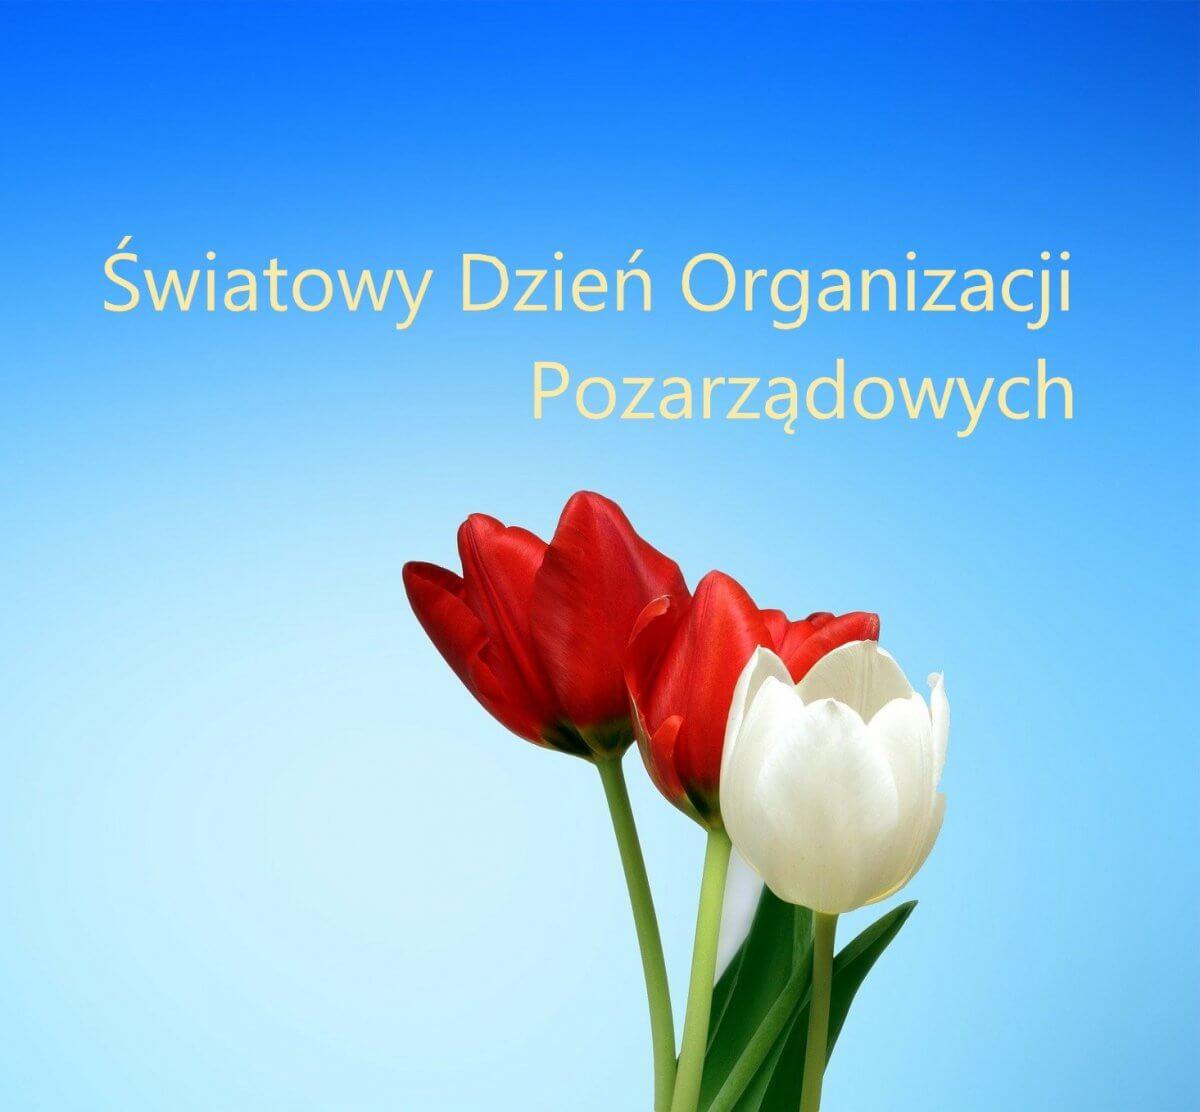 Trzy kwiaty tulipany w kolorach czerwony i biały. W tle niebieska plansza z napisem Światowy Dzień Organizacji Pozarządowych.